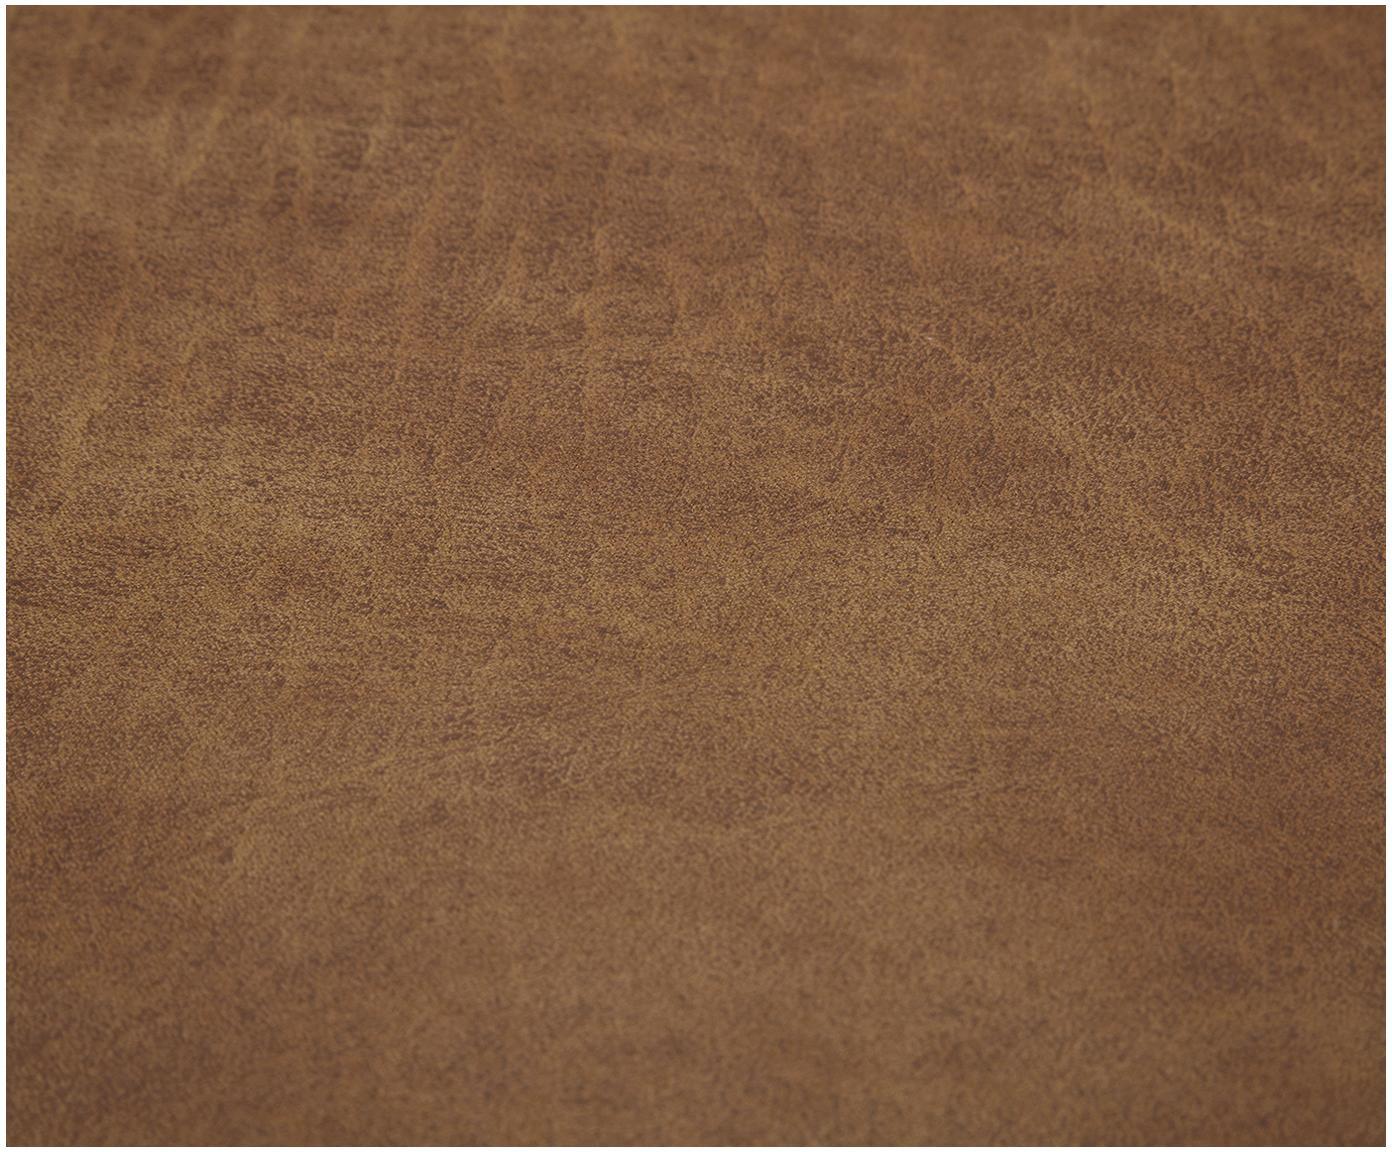 Puf ze skóry Lennon, Tapicerka: 70% skóra, 30% poliester , Stelaż: lite drewno sosnowe, płyt, Nogi: tworzywo sztuczne, Brązowy, S 88 x W 43 cm